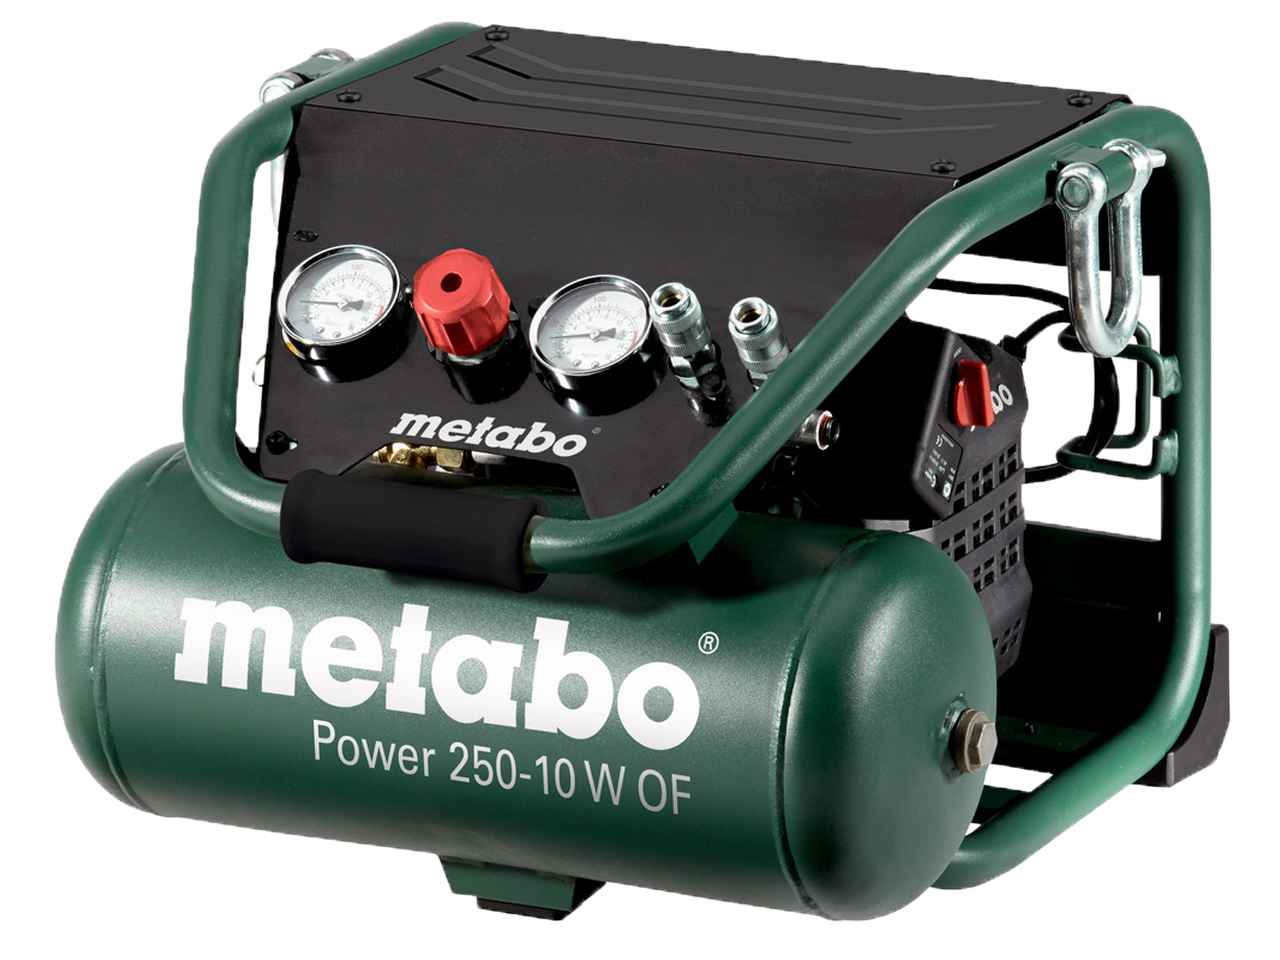 metabo power250 10wof 1500w 250 10 power compressor 240v rh ffx co uk Metabo Grinder Parts Metabo Logo